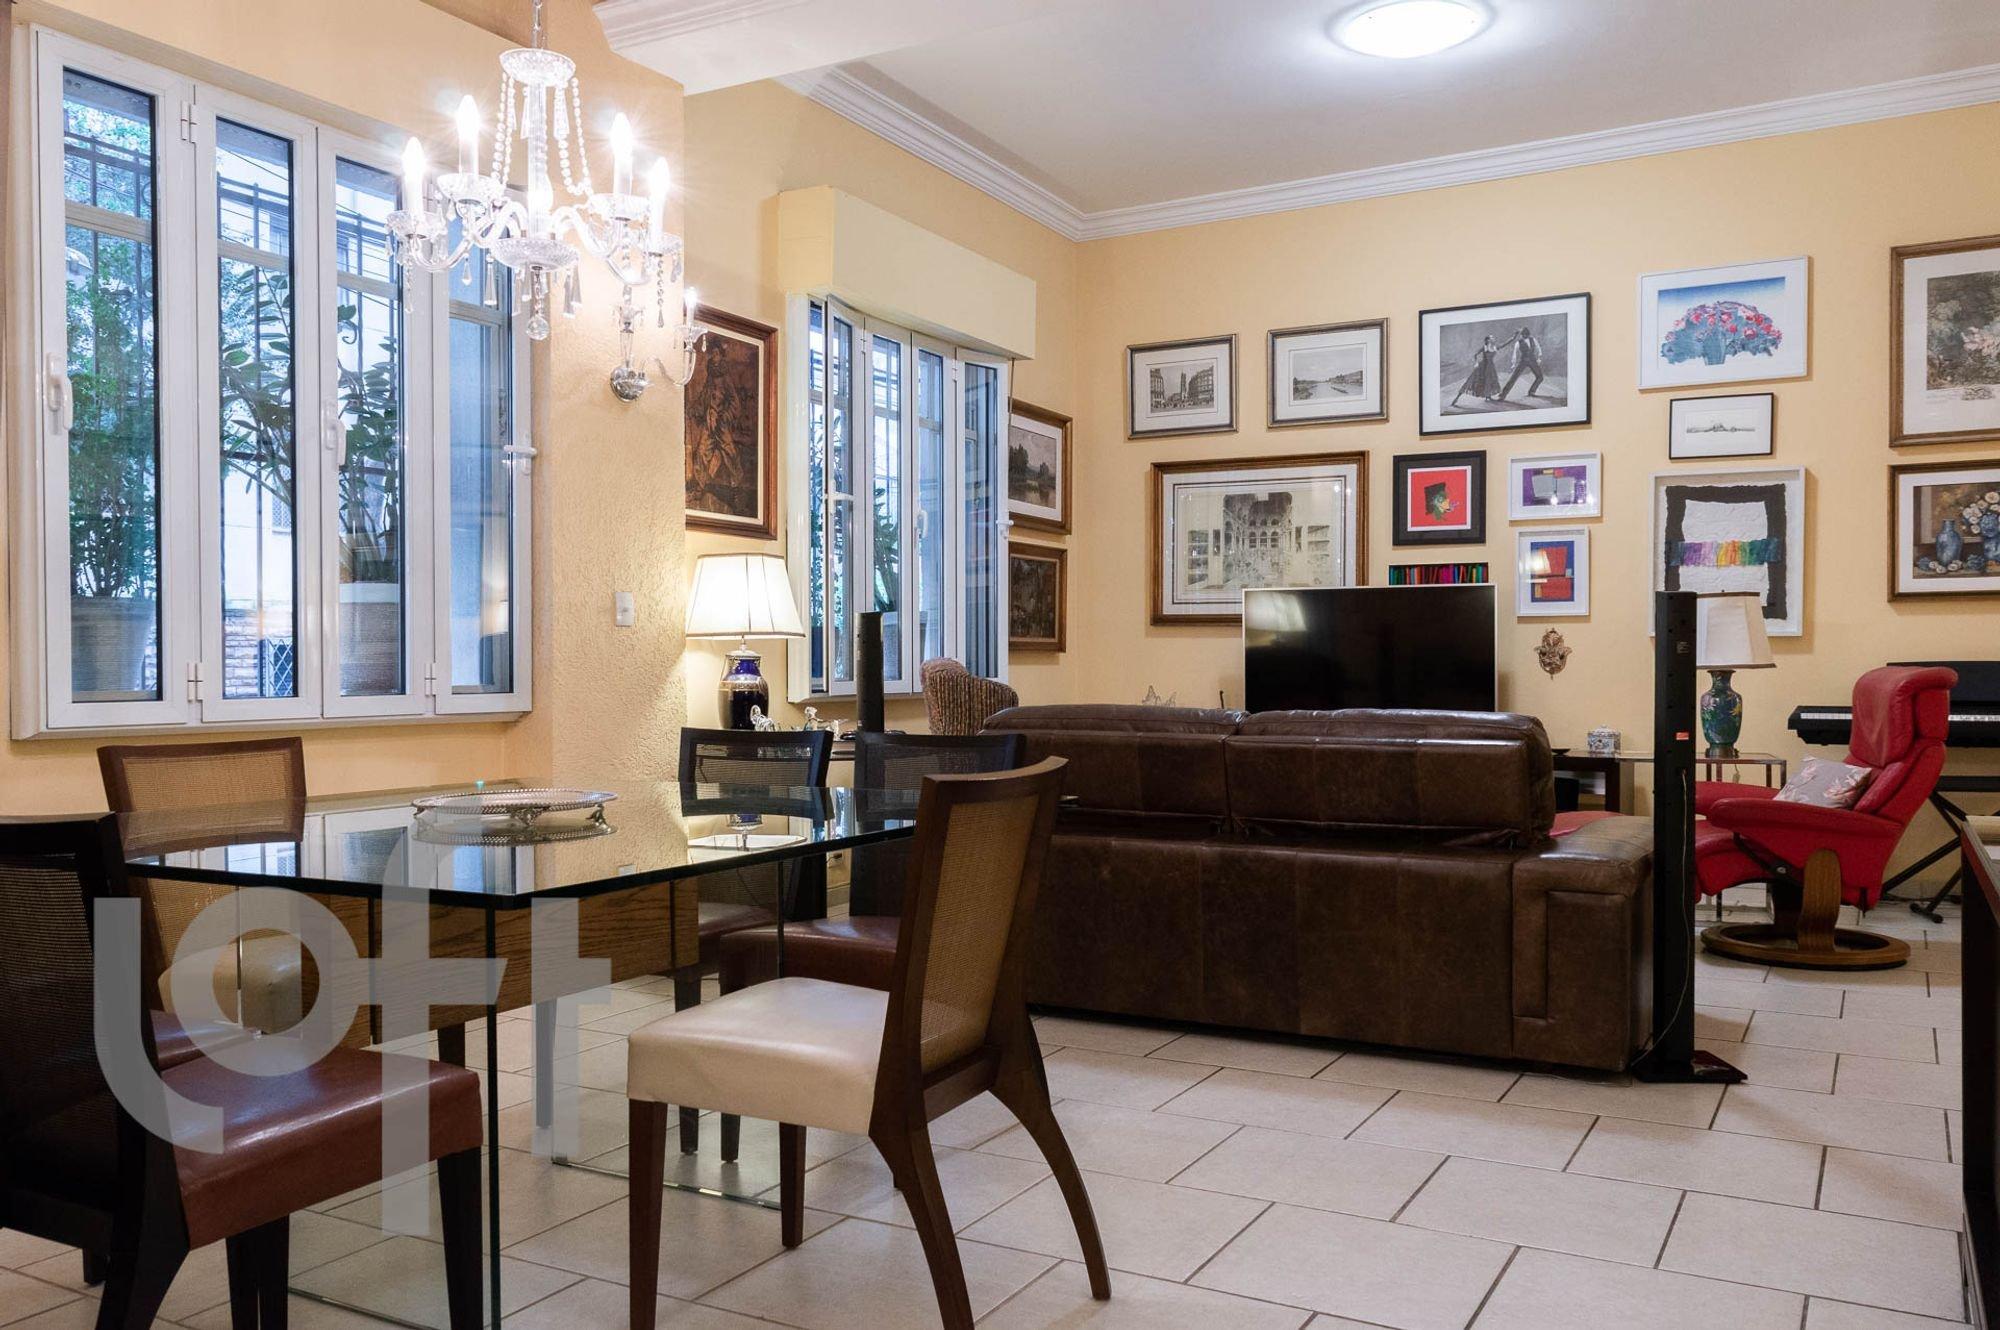 Foto de Sala com sofá, televisão, cadeira, mesa de jantar